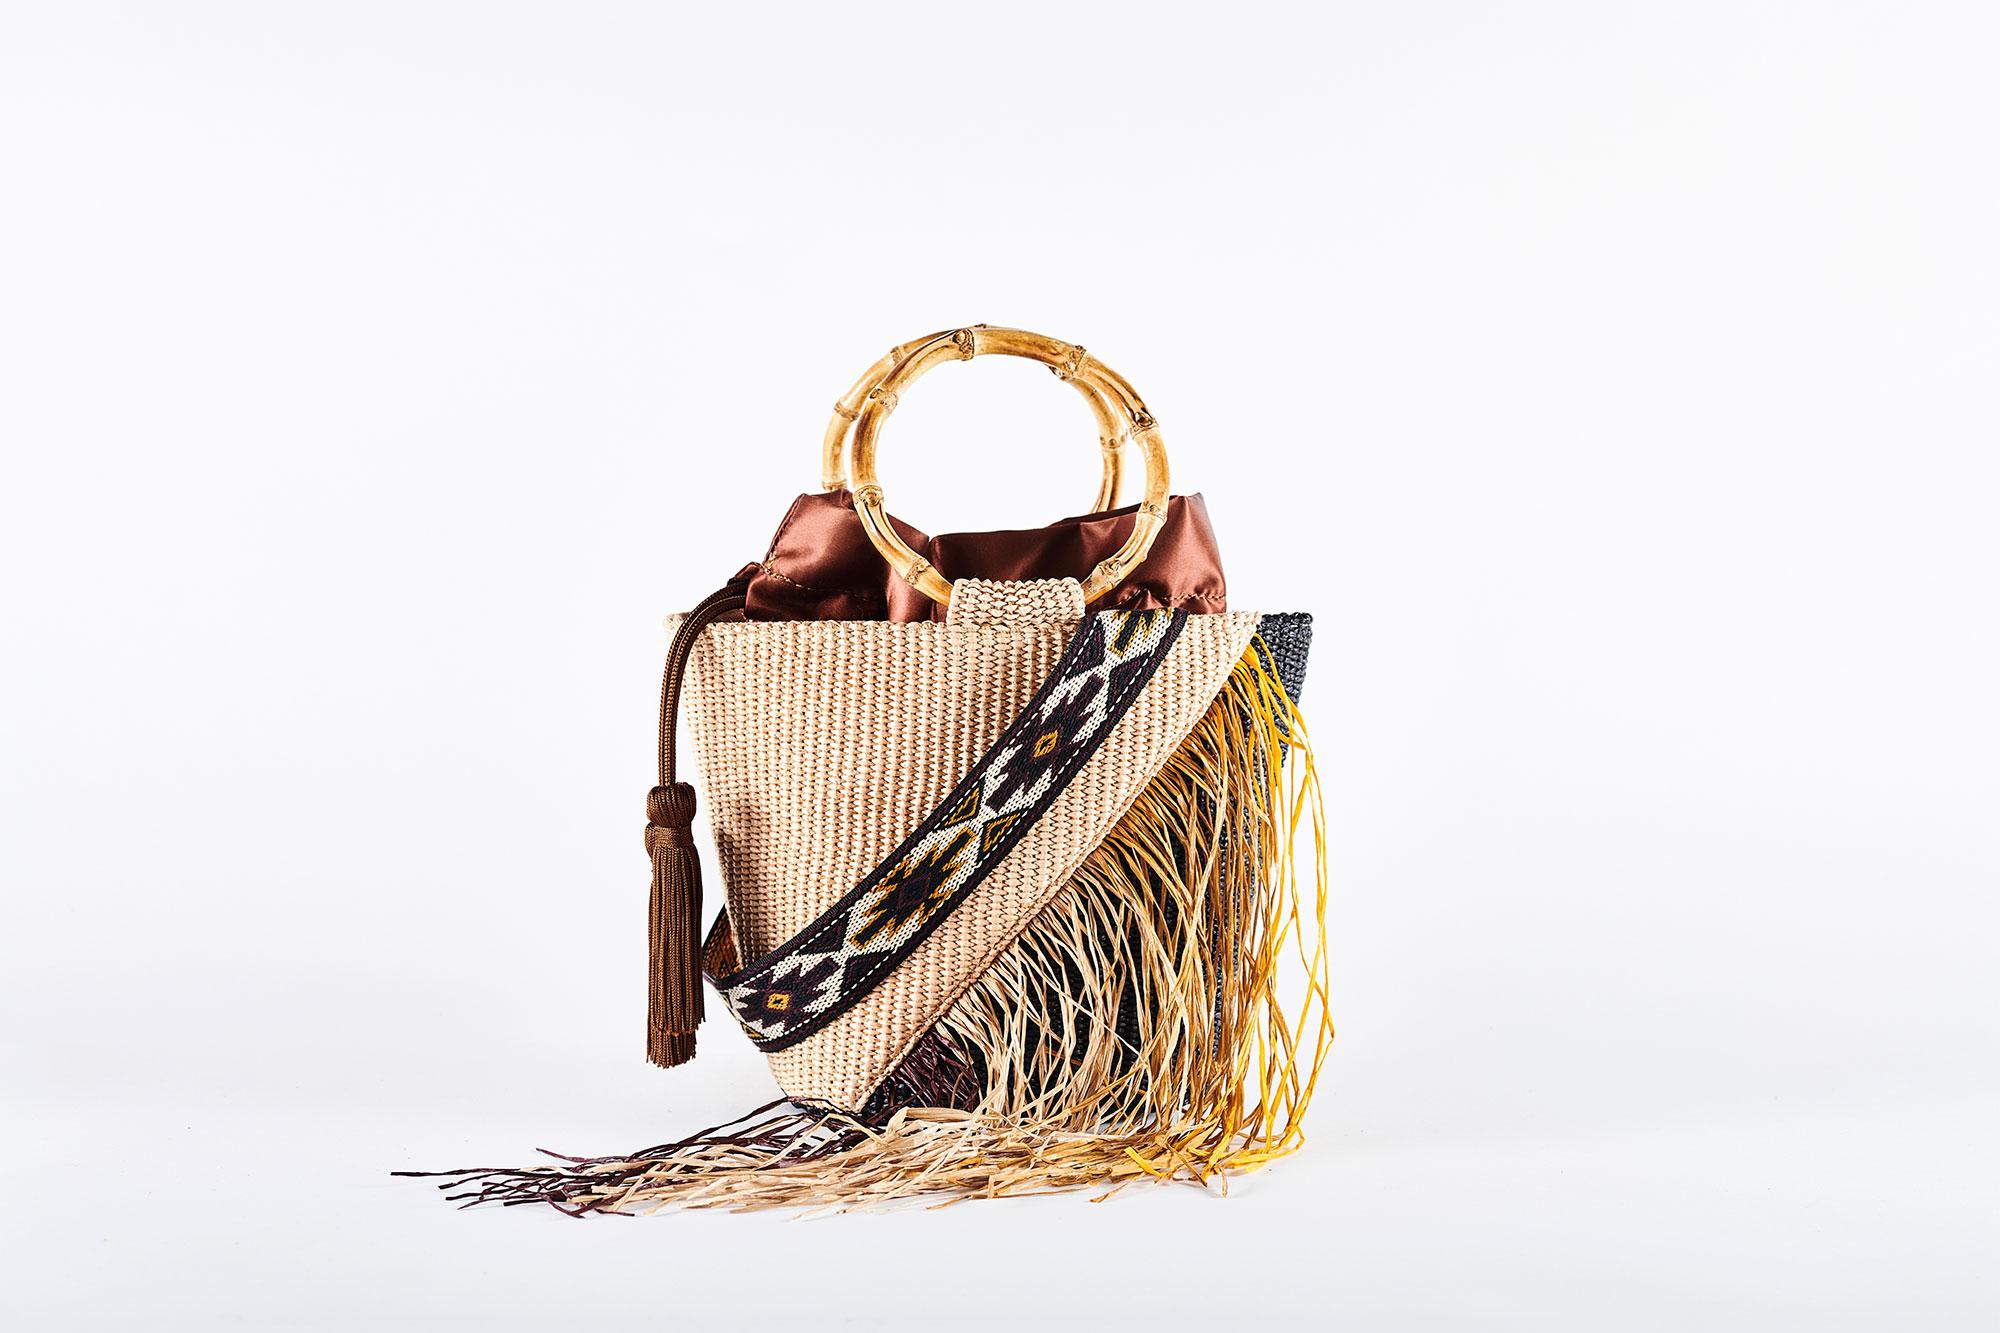 viamailbag-morea-fringe-a01